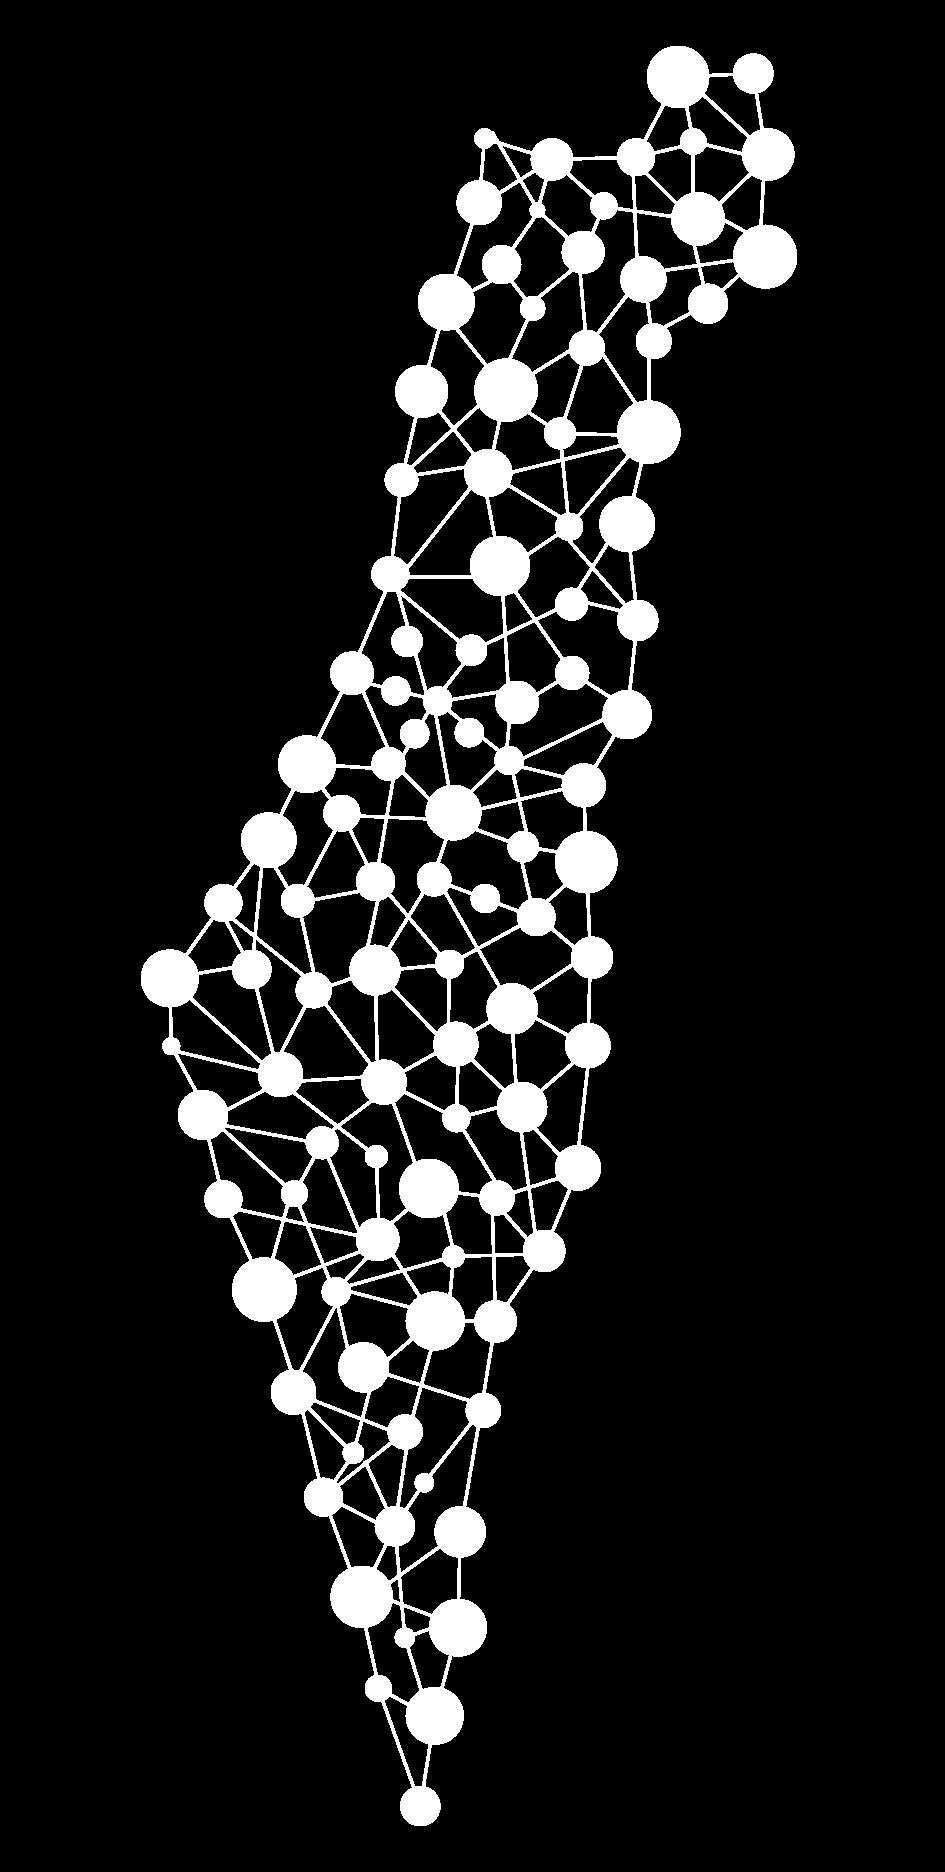 מפת מרכזי זהות